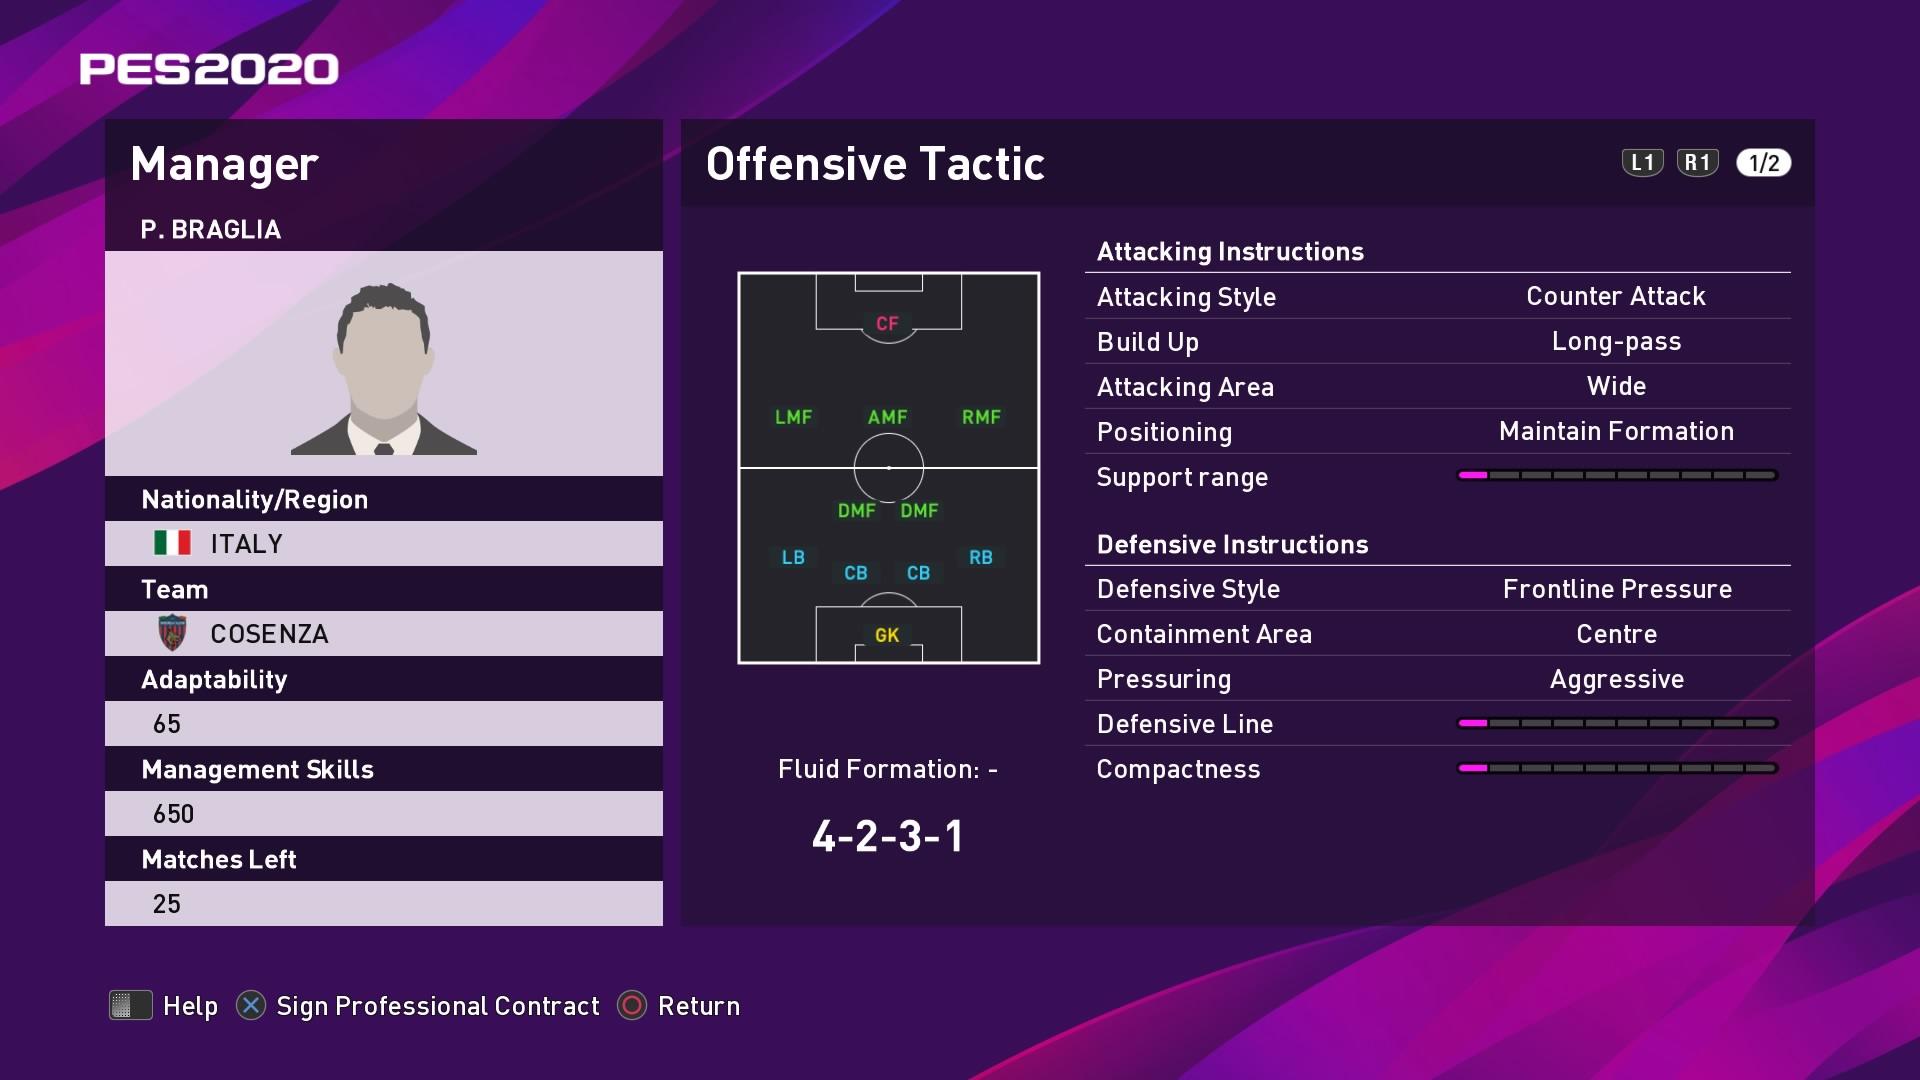 P. Braglia (Piero Braglia) Offensive Tactic in PES 2020 myClub